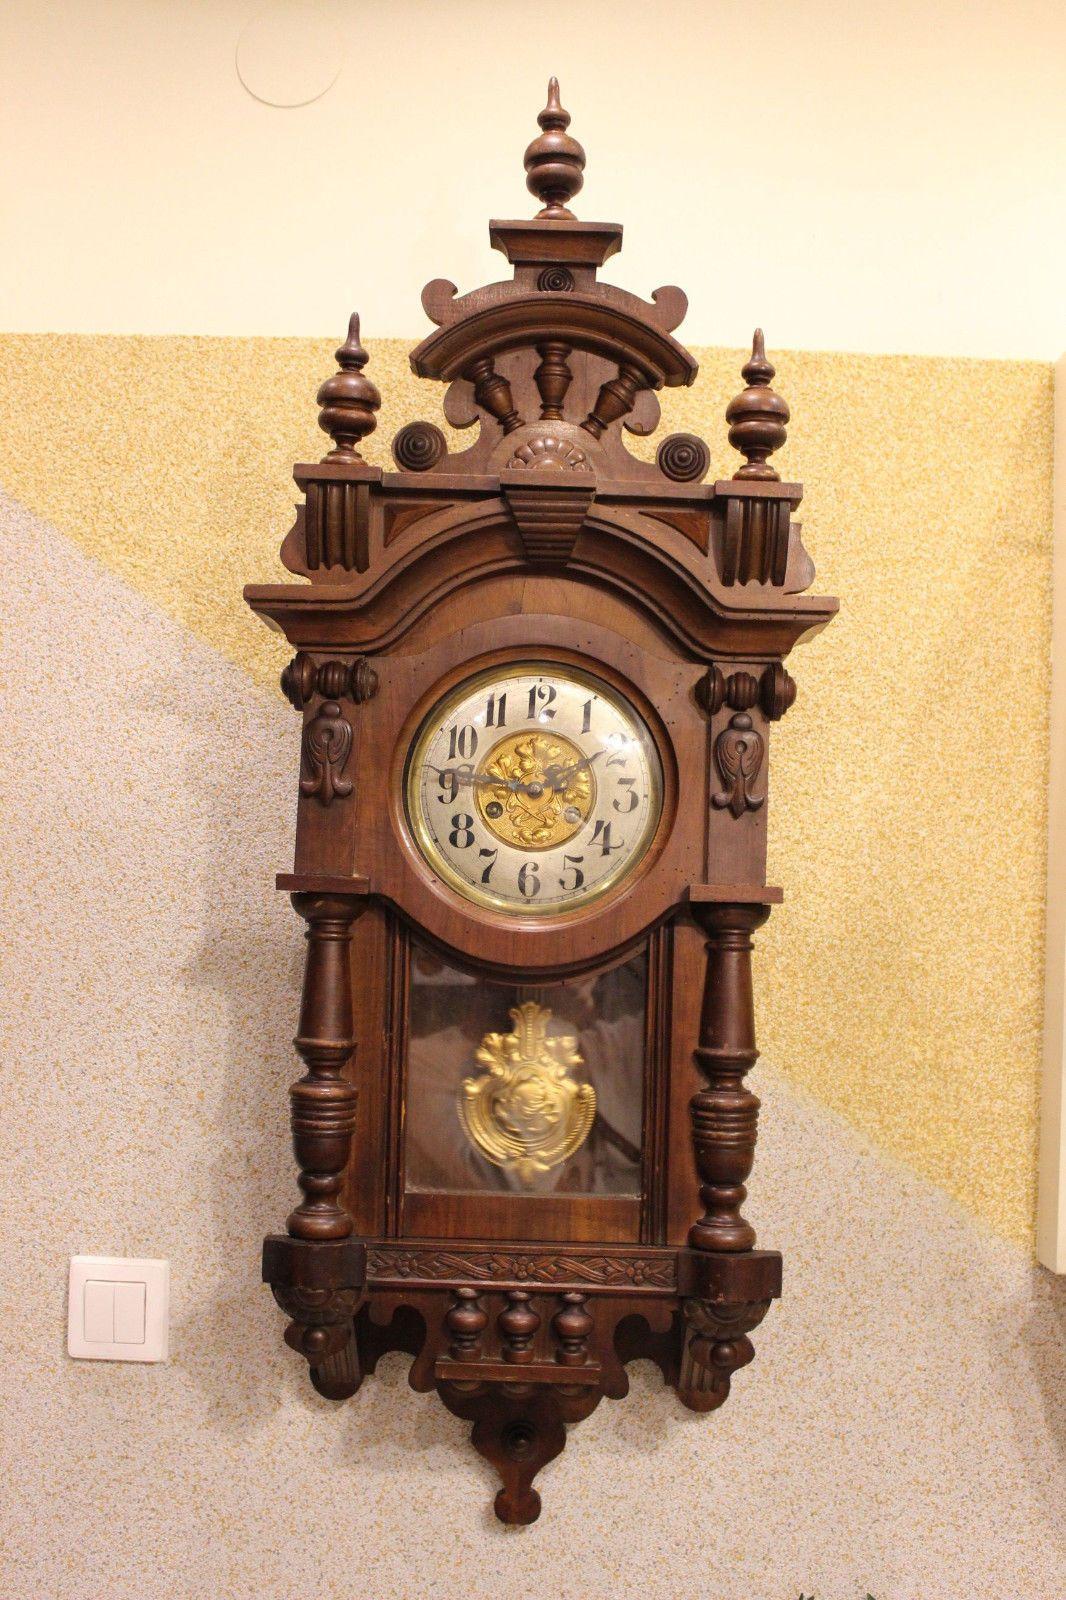 русичи часы старинные настенные дорогие ценятся фото лизинг прочих